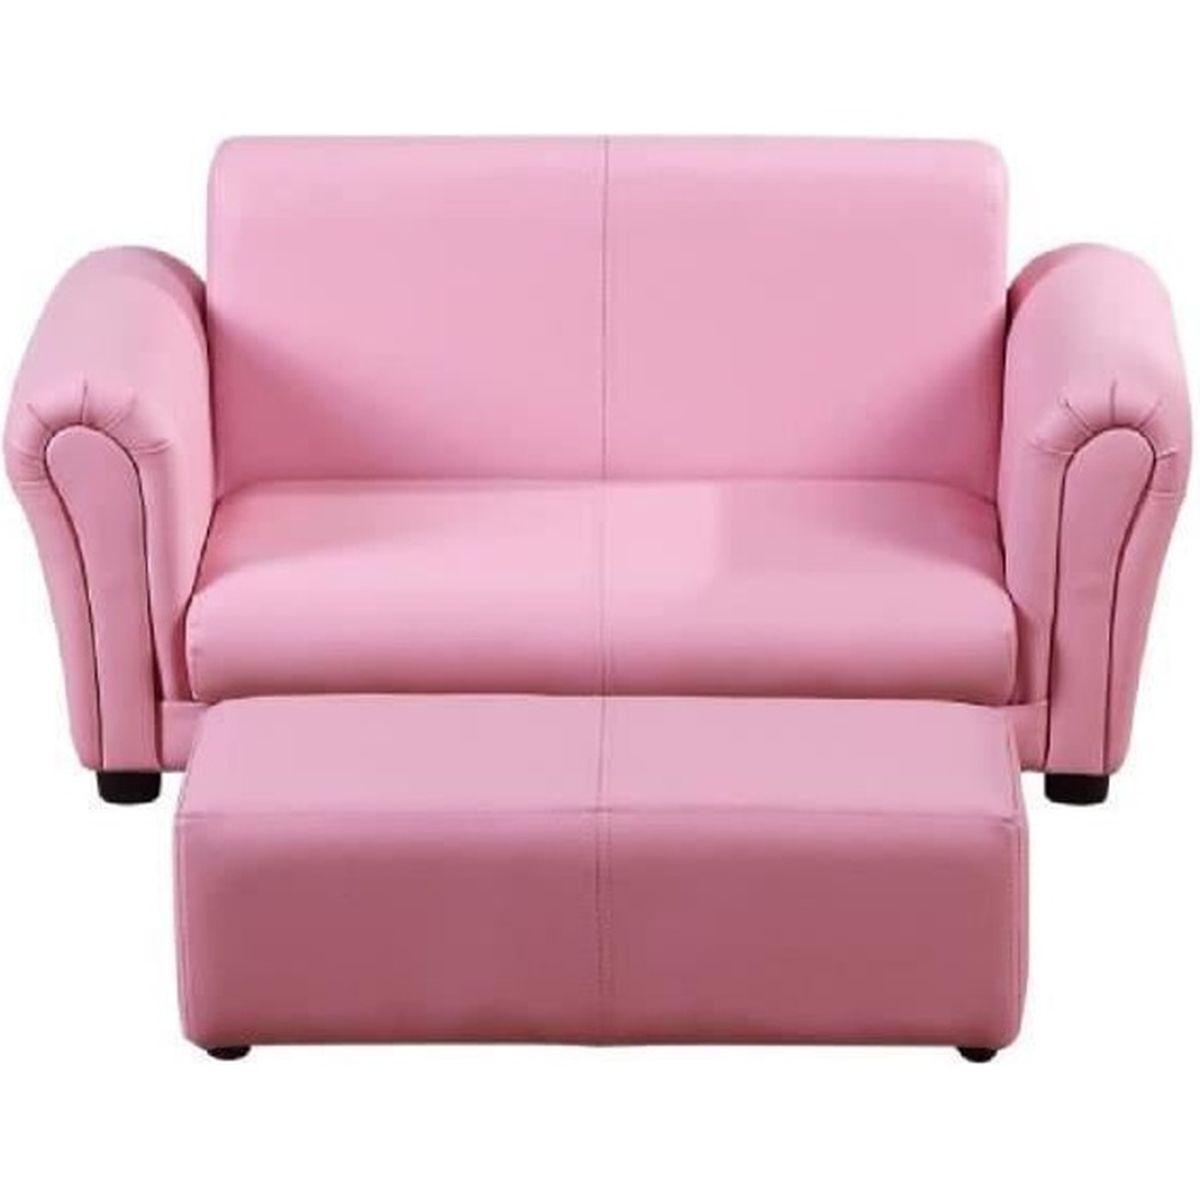 canap mousse enfant fabulous canap places fuschia avec housse with canap mousse enfant best. Black Bedroom Furniture Sets. Home Design Ideas